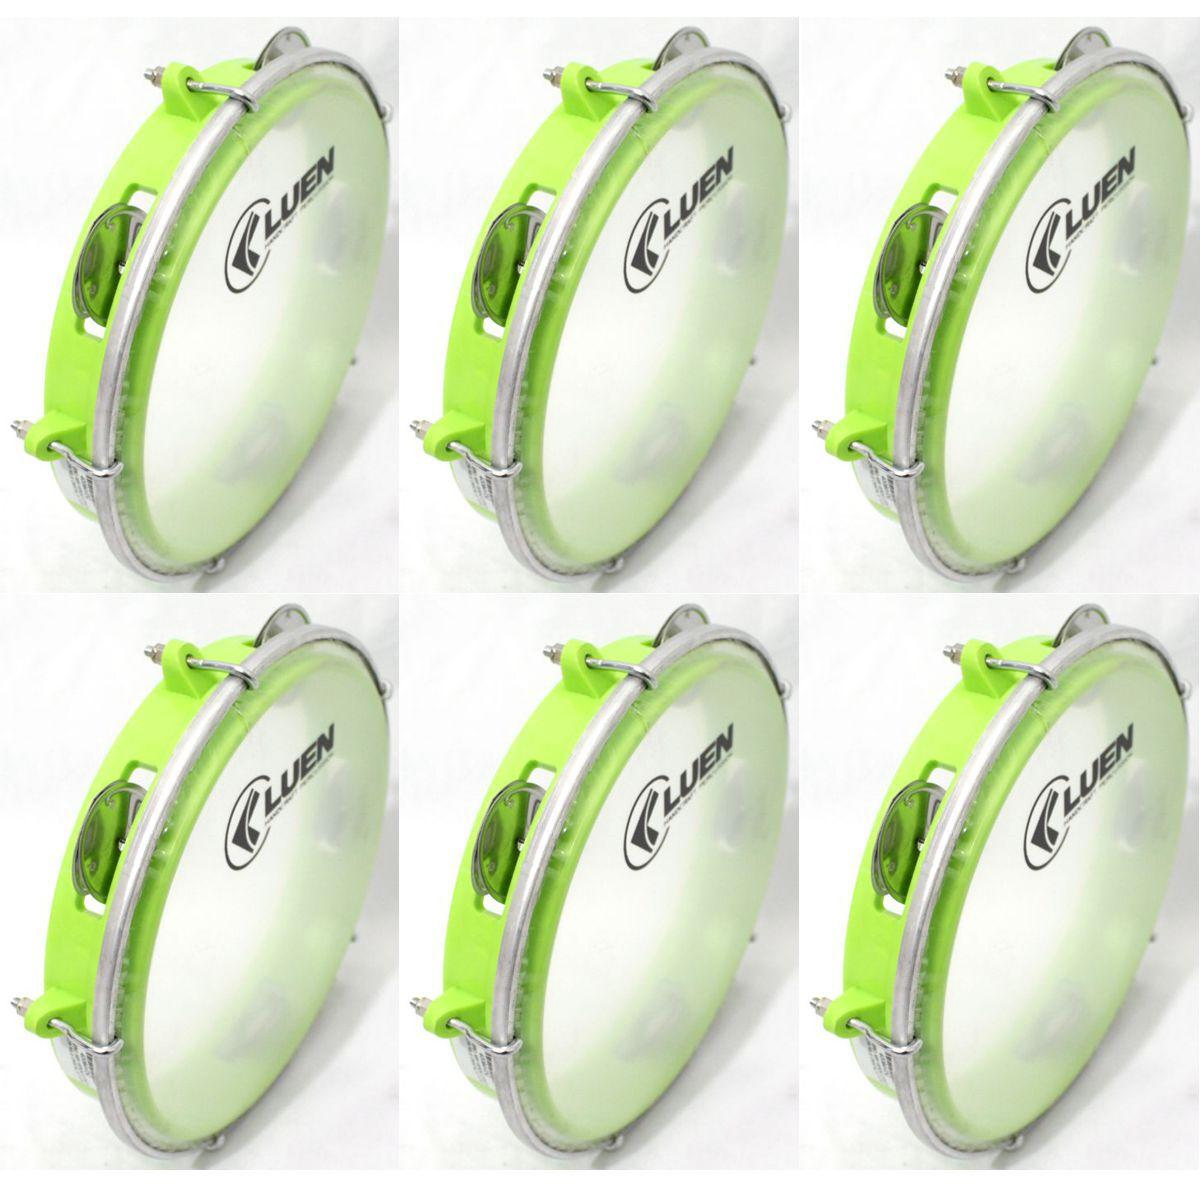 Pandeiro Luen 8 Junior ARO ABS Verde Pele Cristal - 40084VDC - Pacote com 06 Unidades